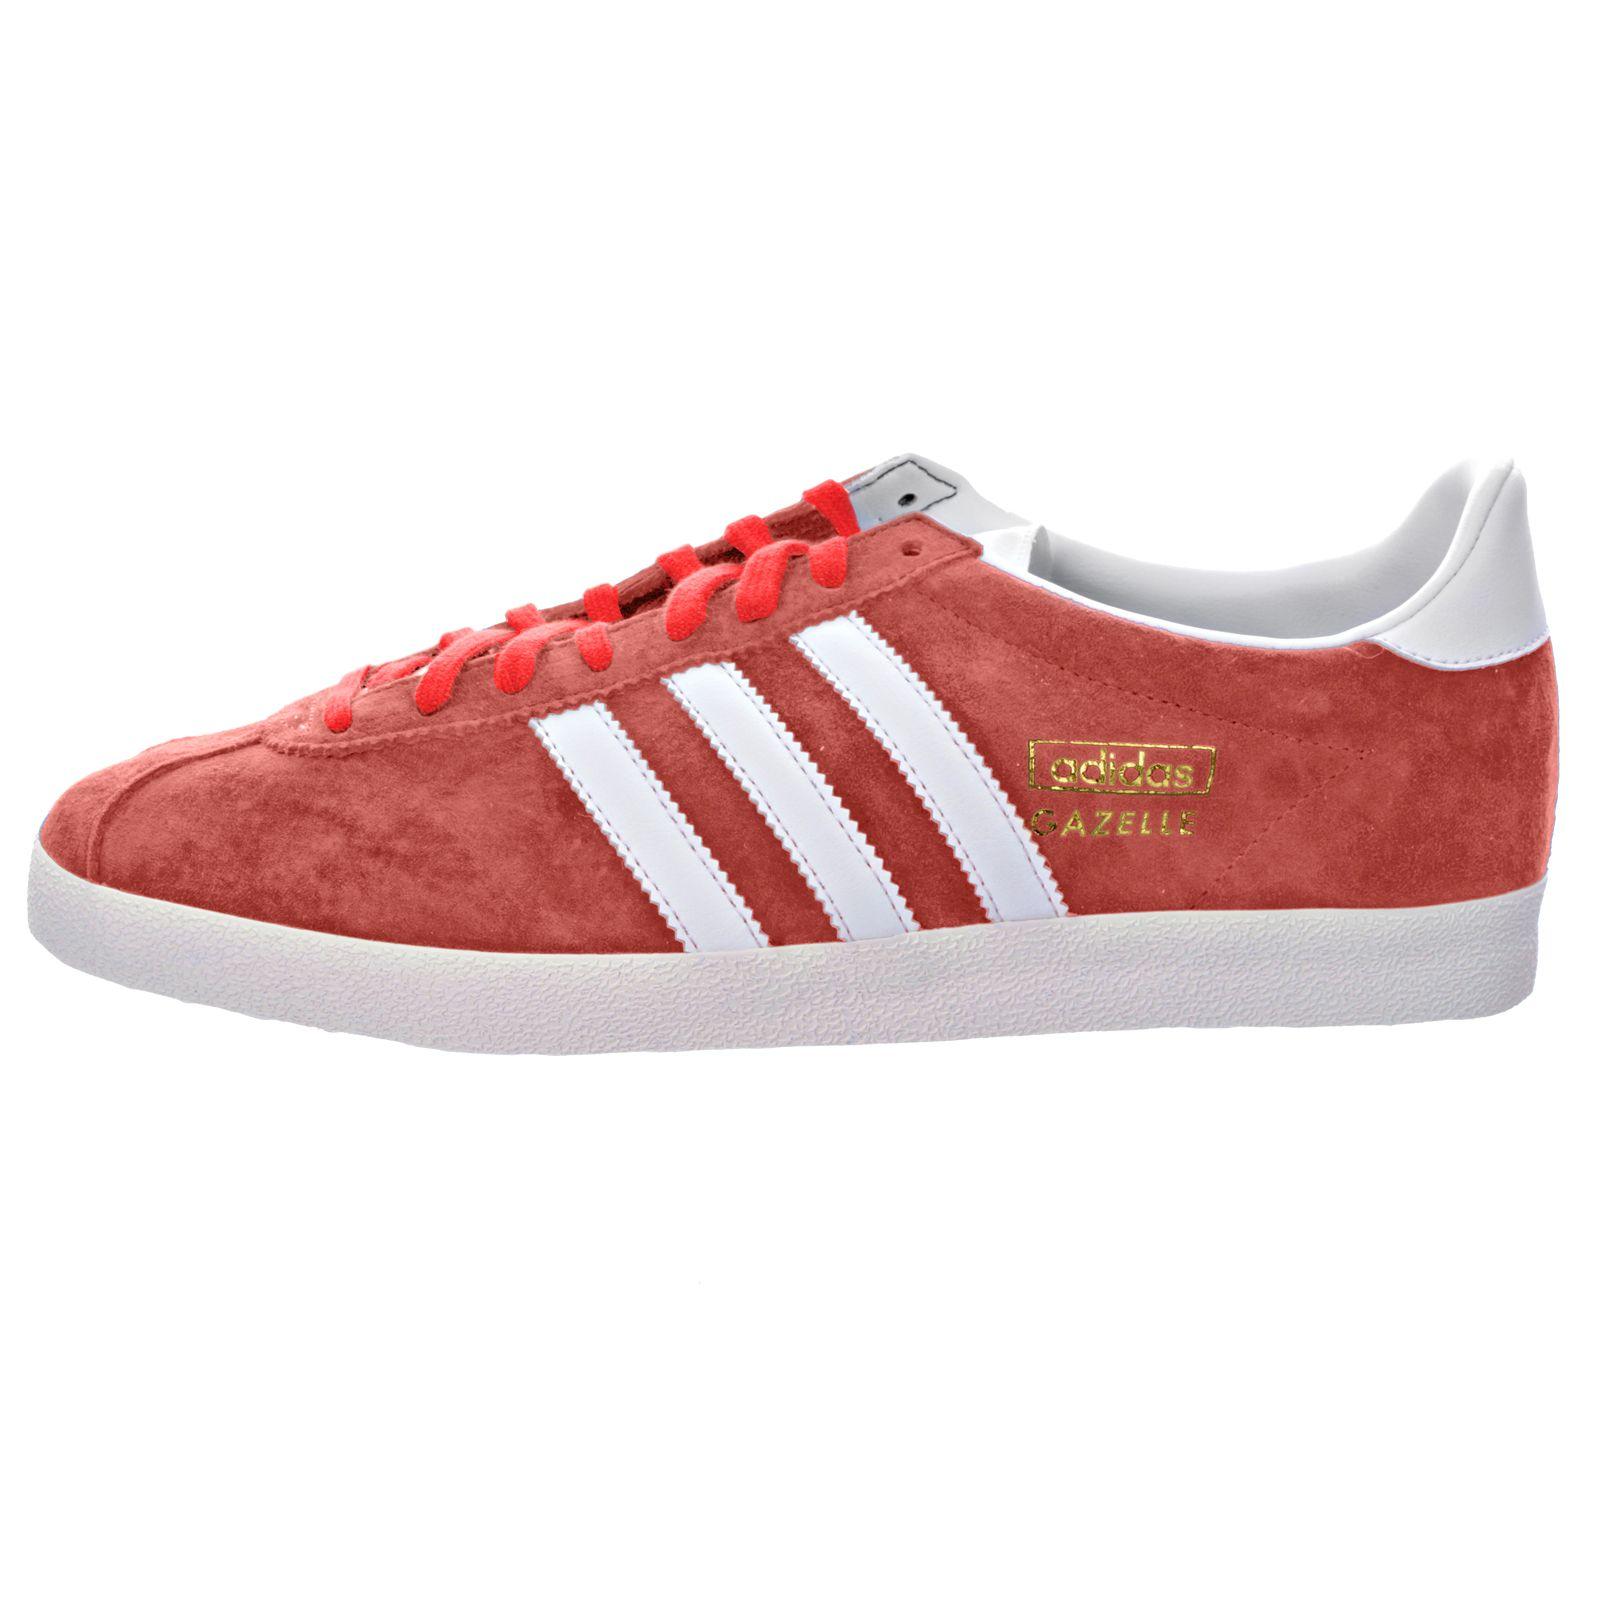 adidas gazelle q23176